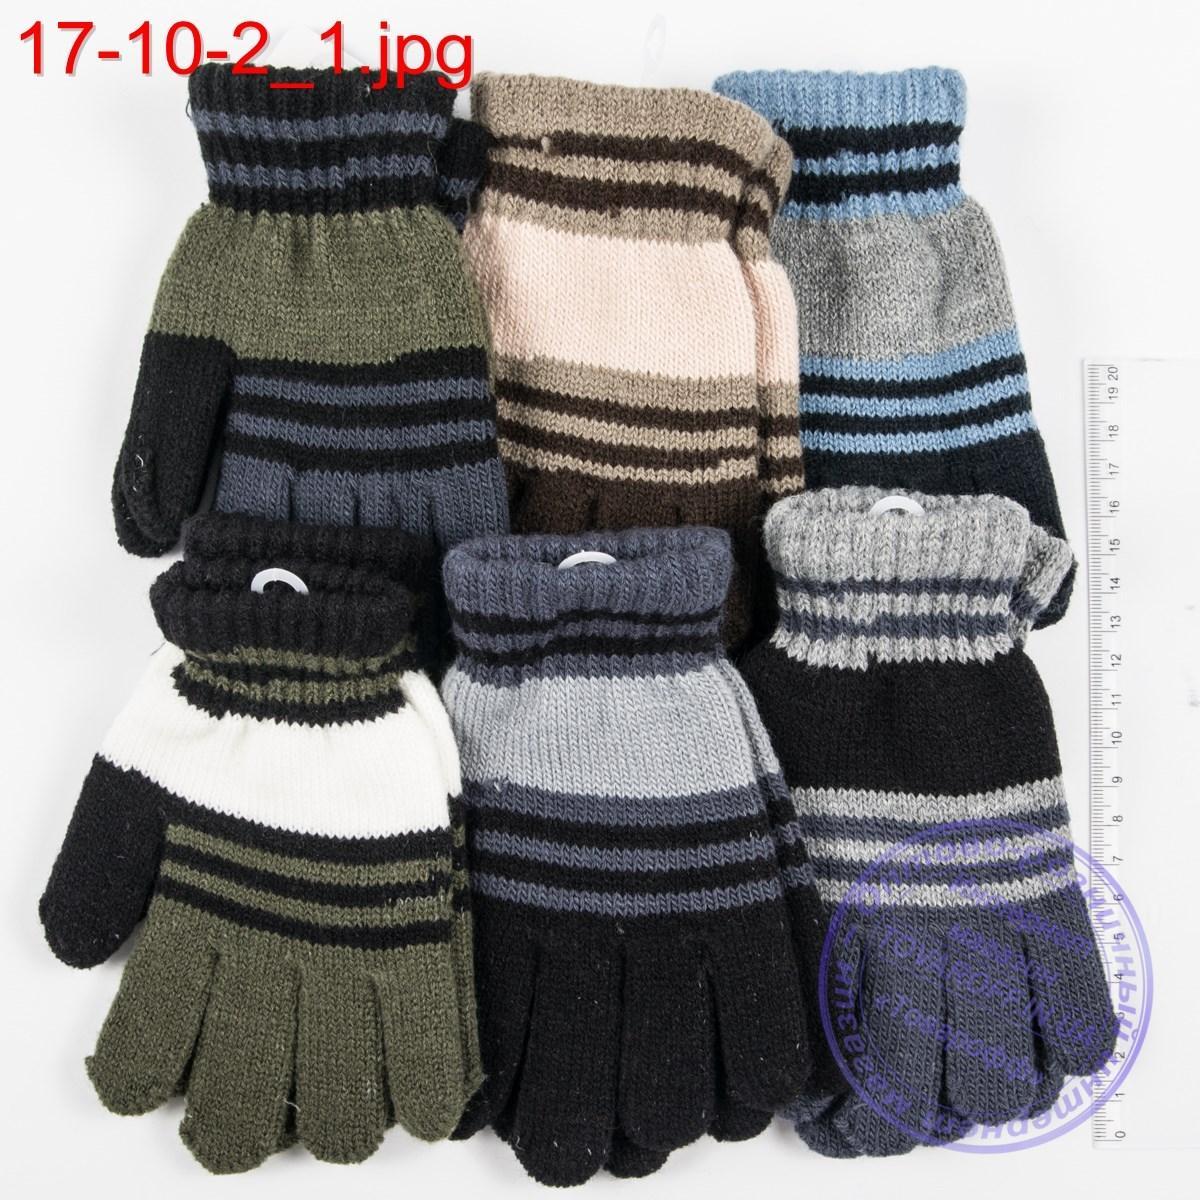 Оптом трикотажные перчатки для мальчиков 5, 6, 7, 8 лет - №17-10-2